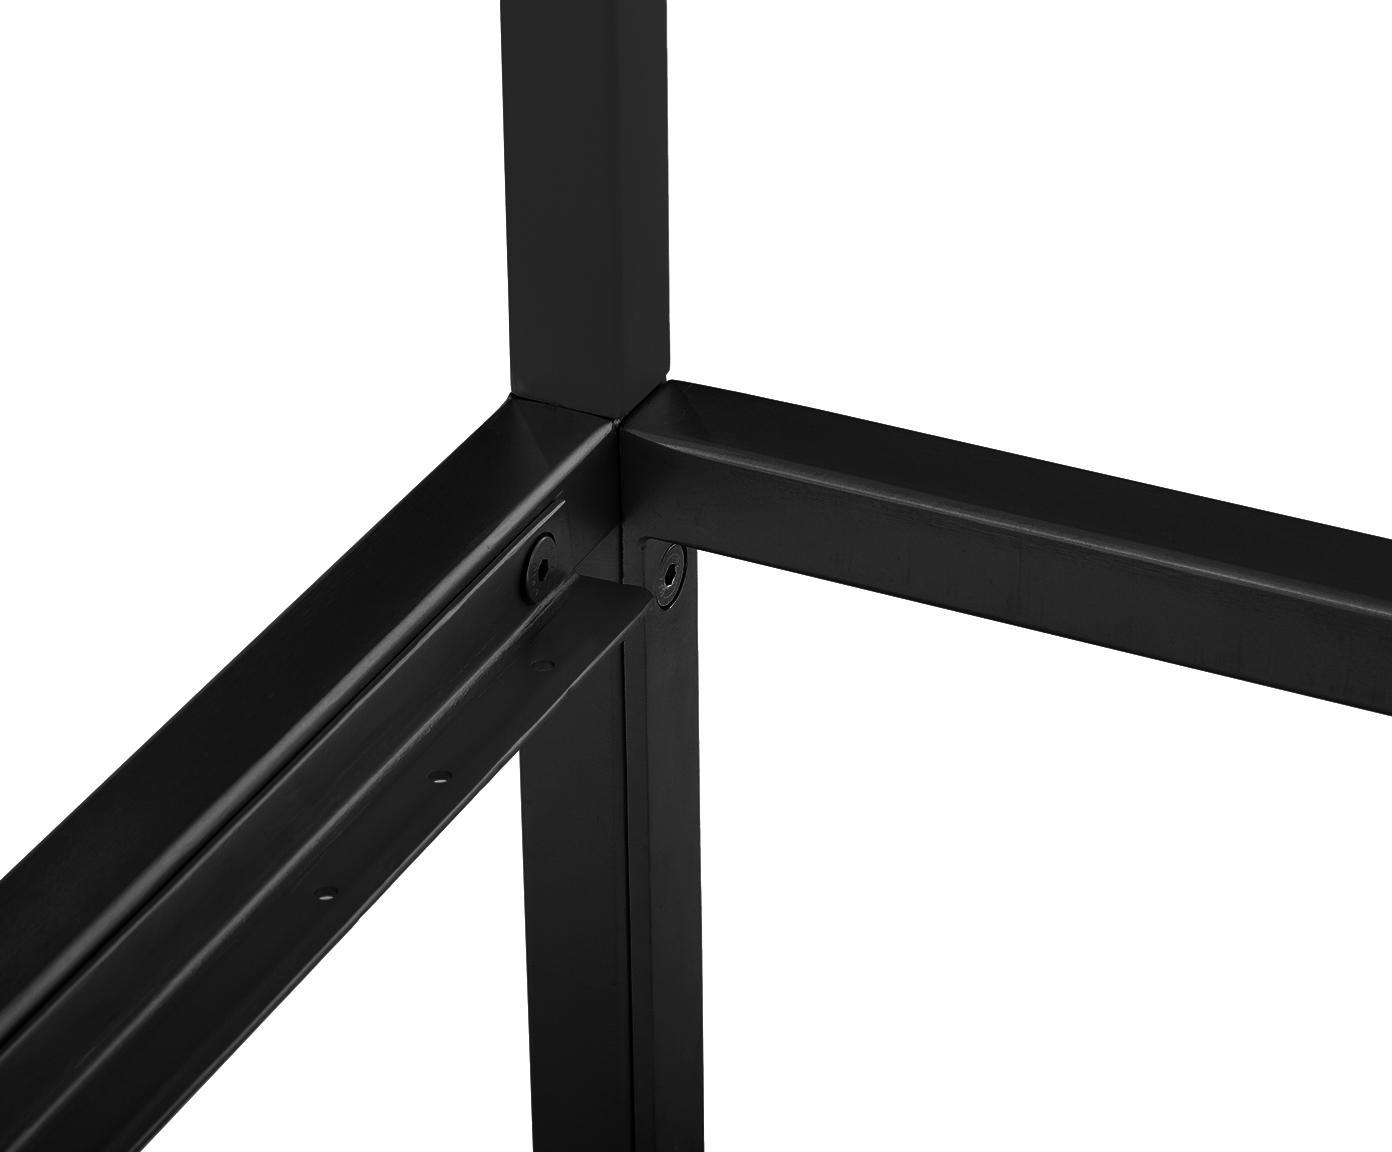 Hemelbed Belle, Gepoedercoat metaal, Mat zwart, 180 x 200 cm